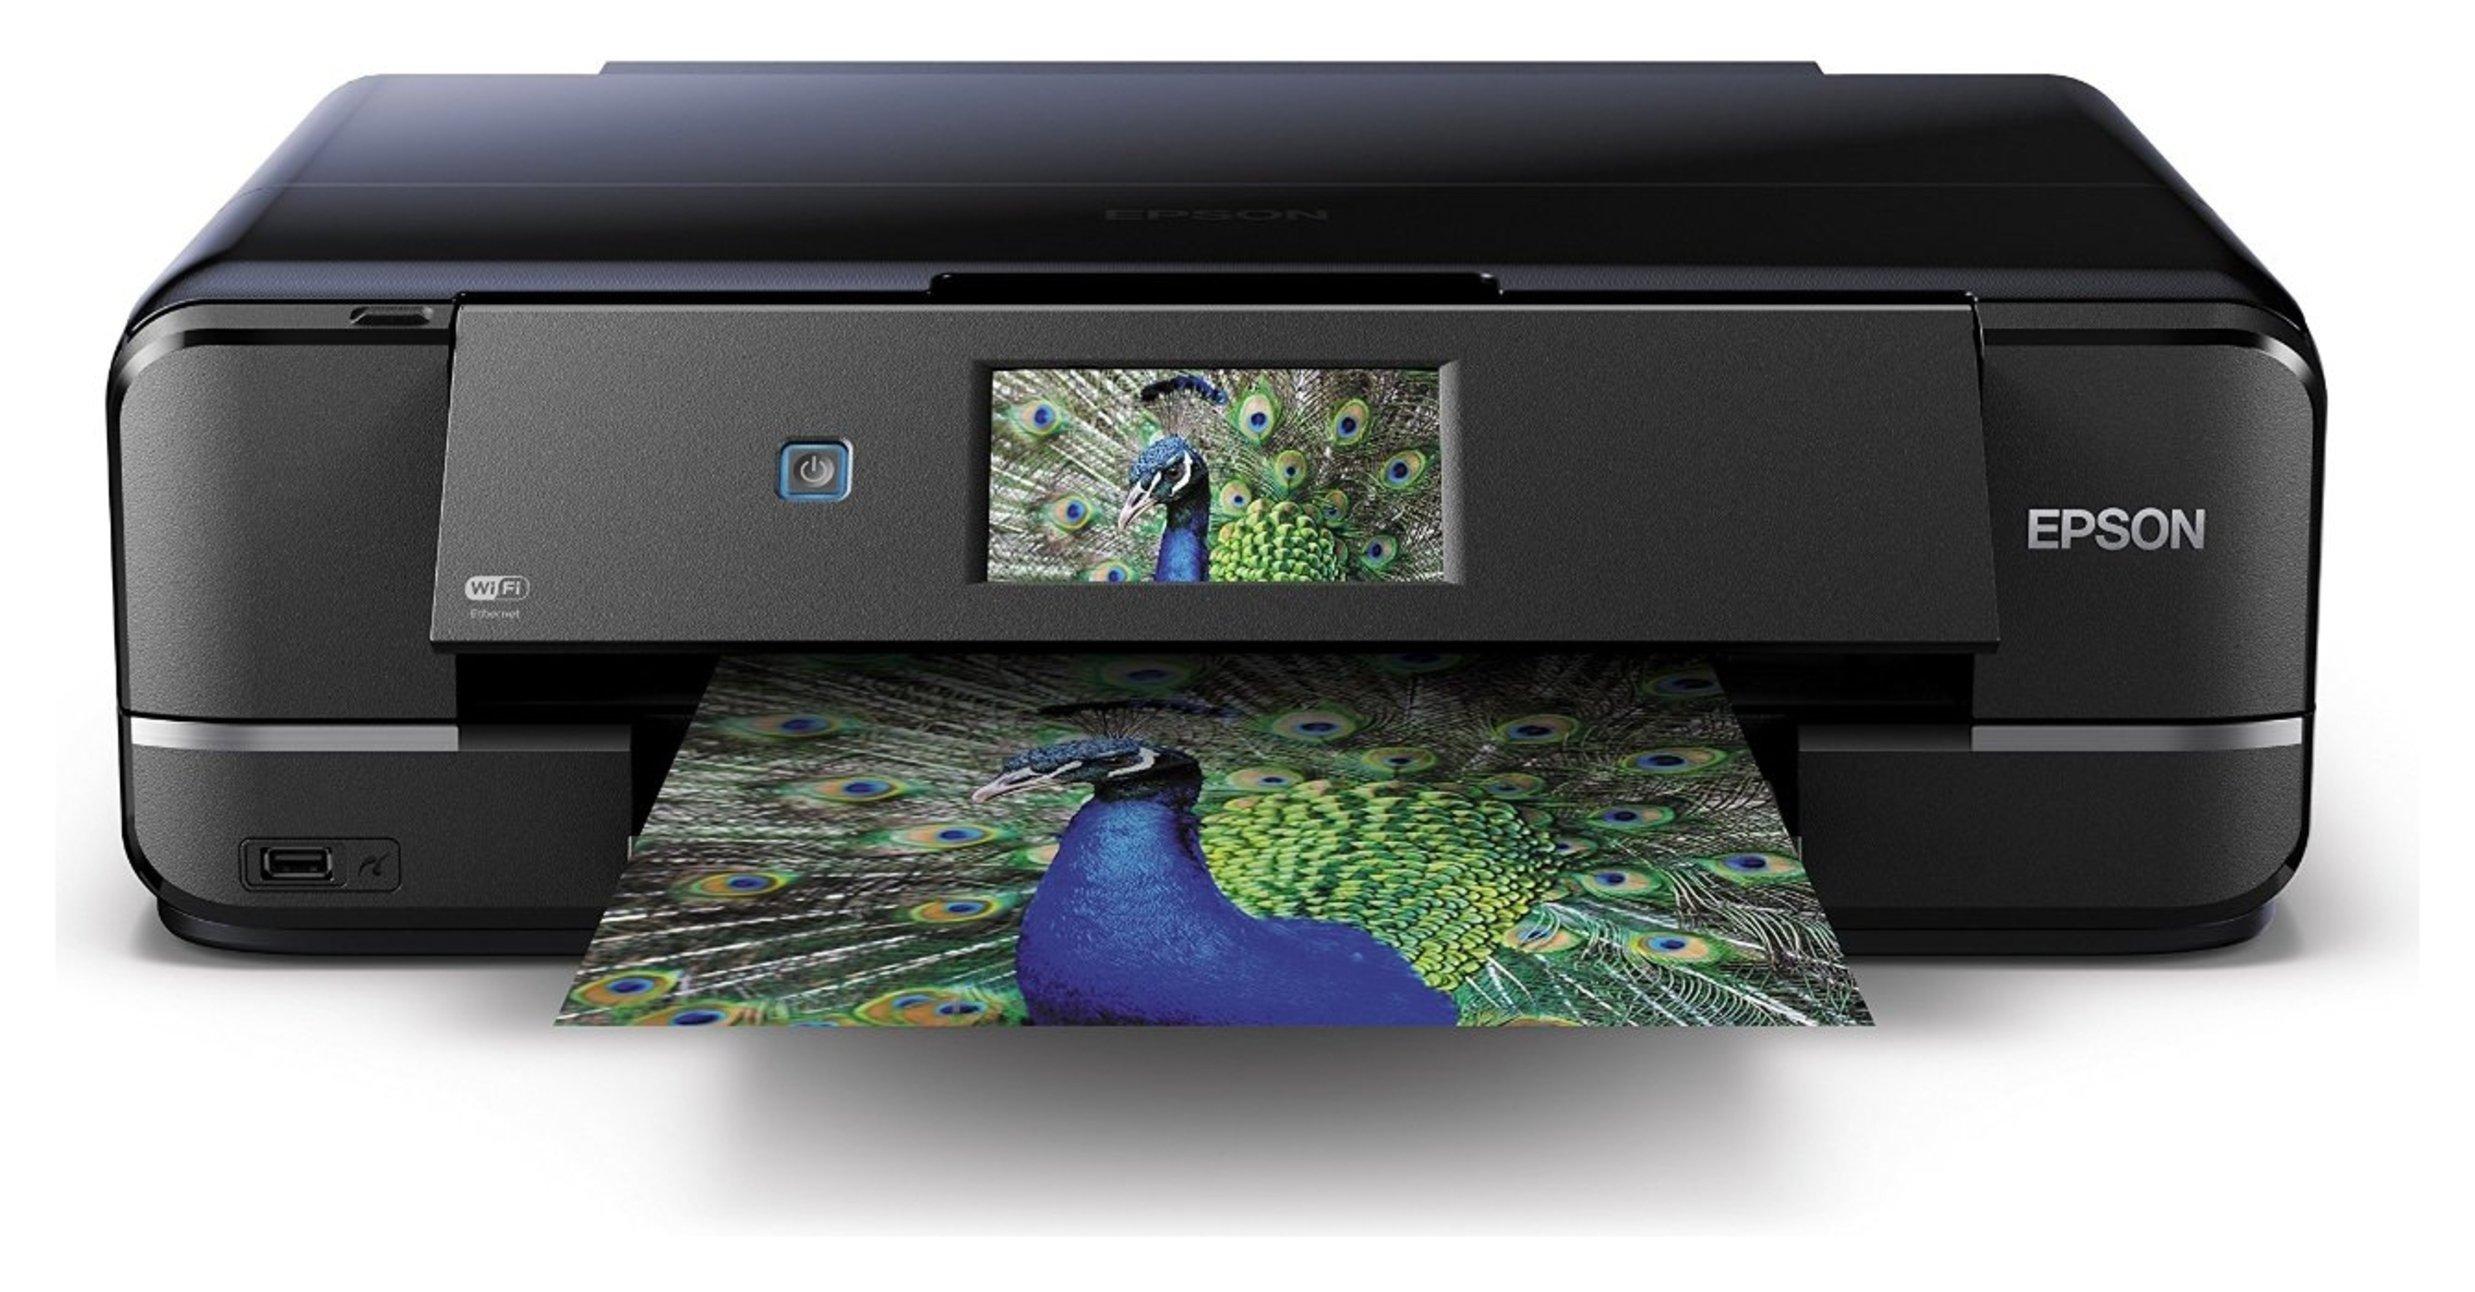 Epson Expression Photo XP 960 Printer.